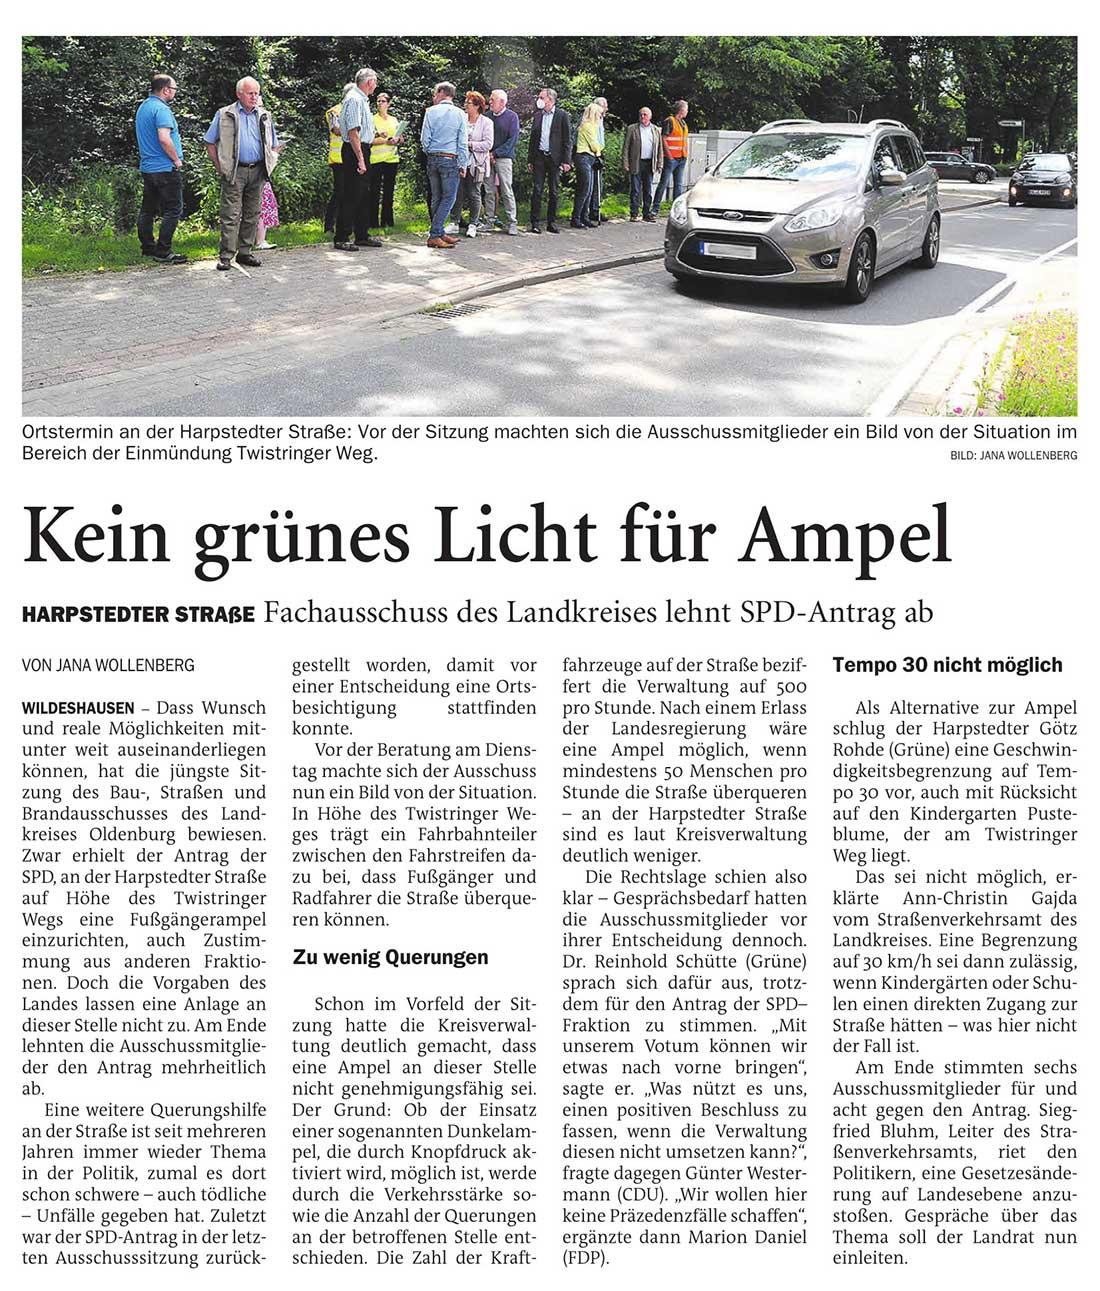 Kein grünes Licht für AmpelHarpstedter Straße: Fachausschuss des Landkreises lehnt SPD-Antrag abArtikel vom 08.07.2021 (NWZ)